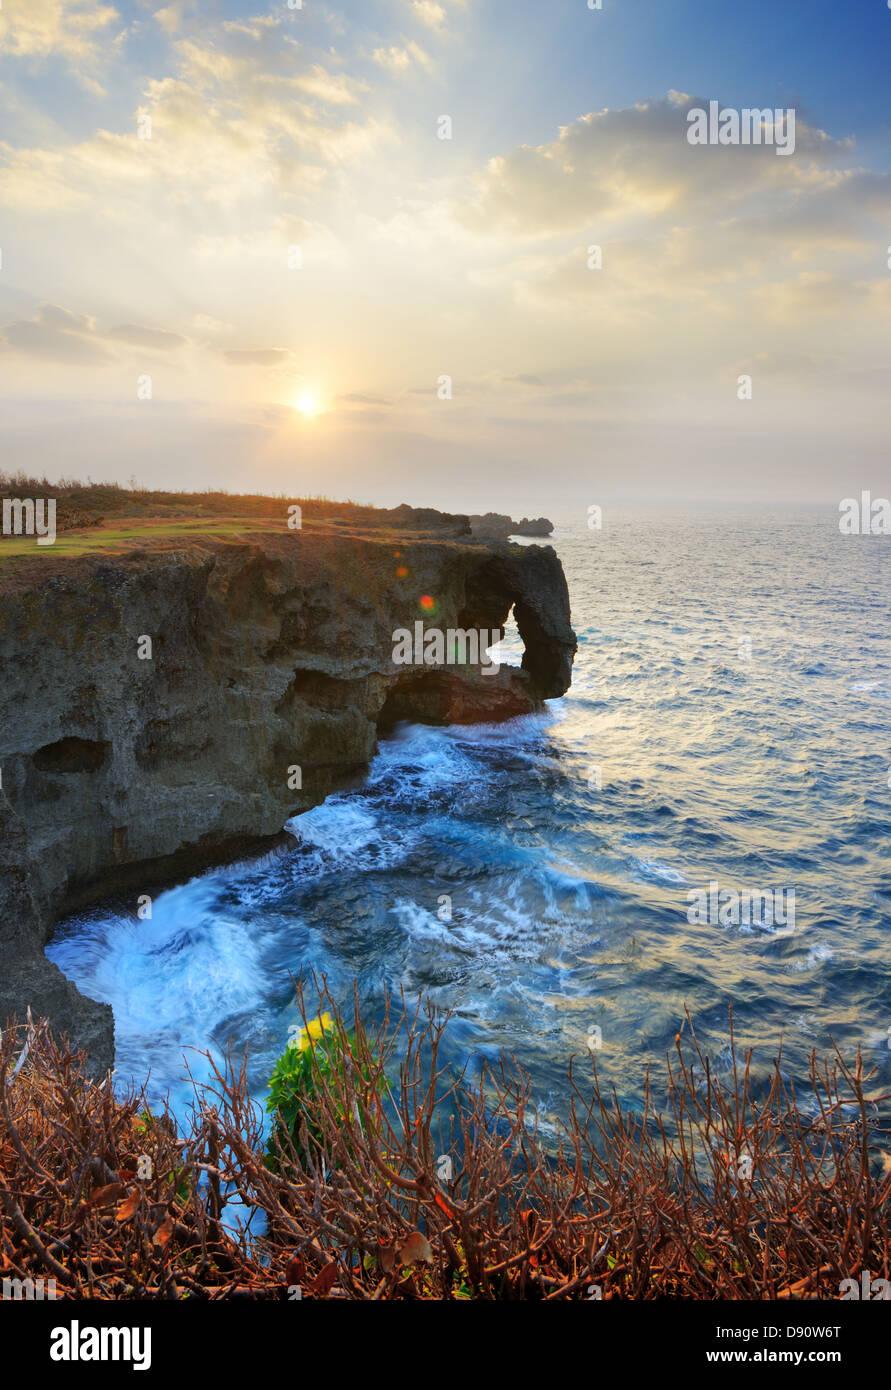 Cliff at Manzamo, Okinawa, Japan. - Stock Image